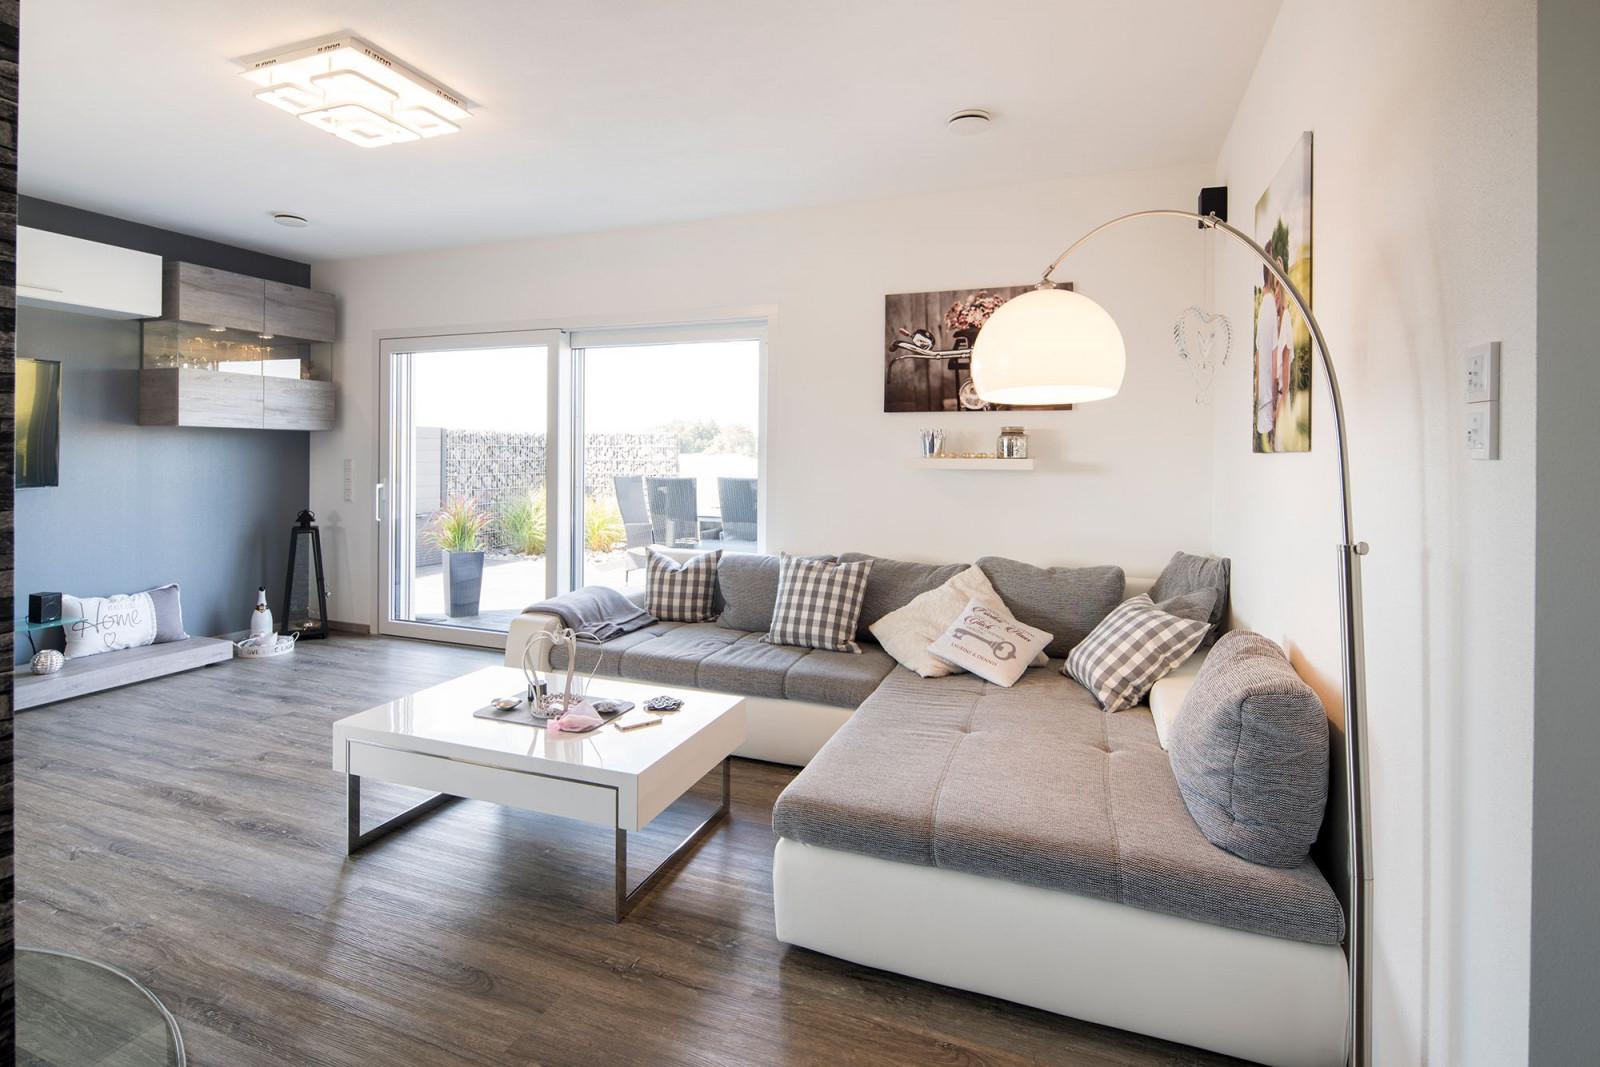 Fertighaus Wohnideen – Wohnzimmer In 2020  Wohnideen von Wohnideen Bilder Wohnzimmer Photo